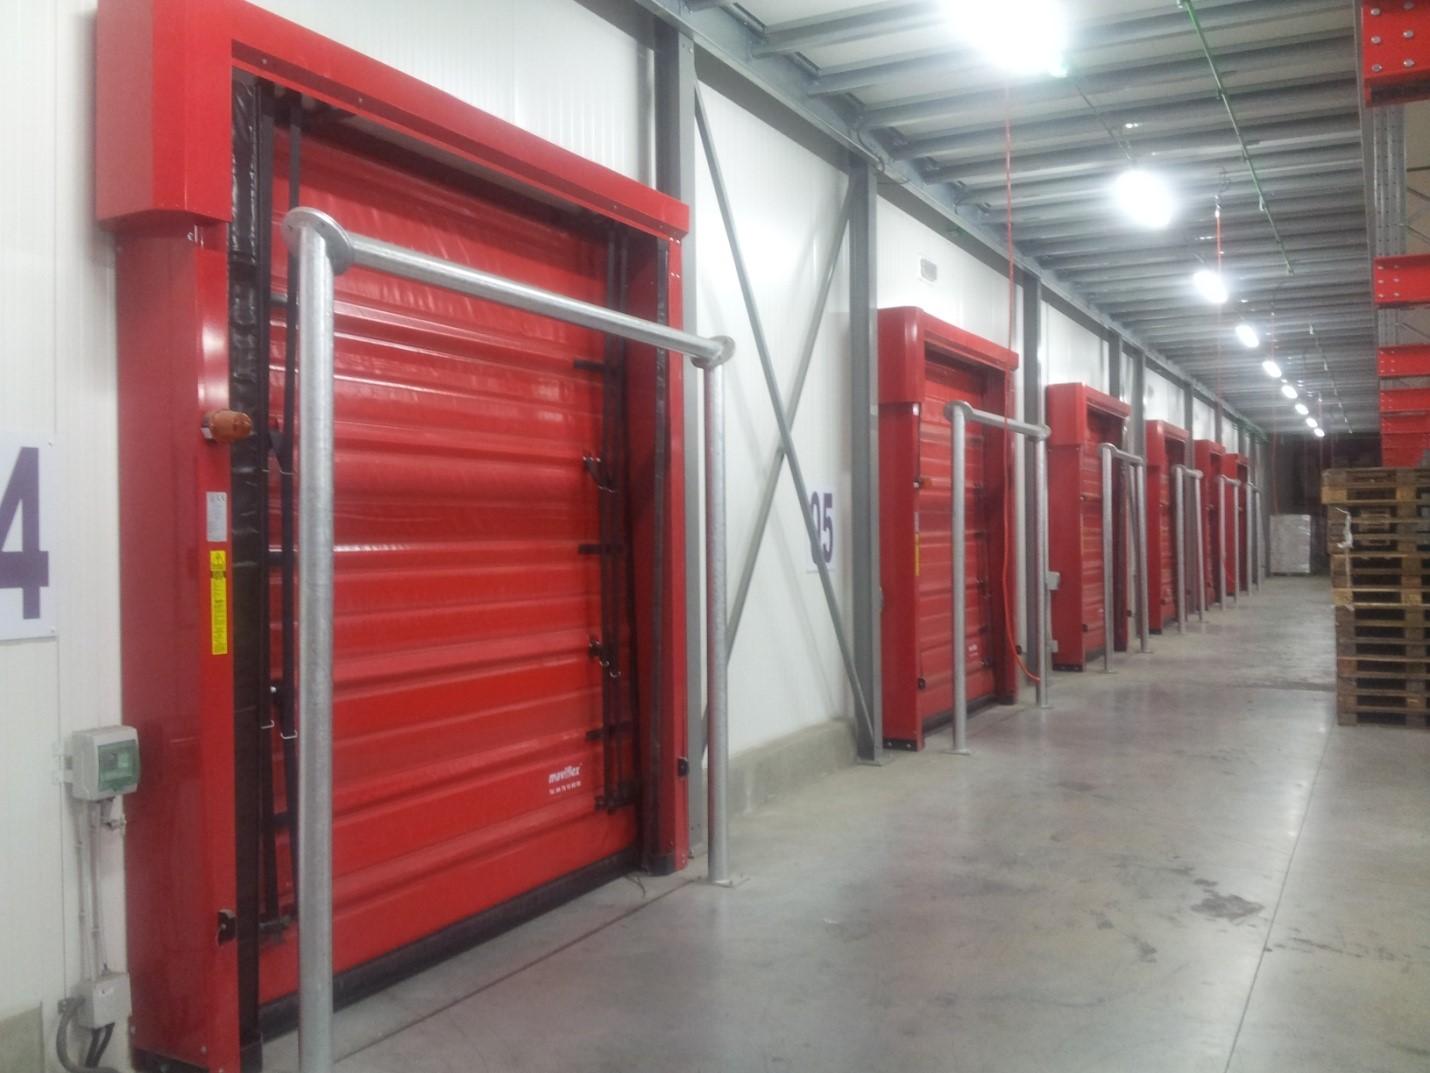 Cửa cuốn siêu tốc- 3 loại cửa cuốn tốc độ cao được ưu chuộng nhất